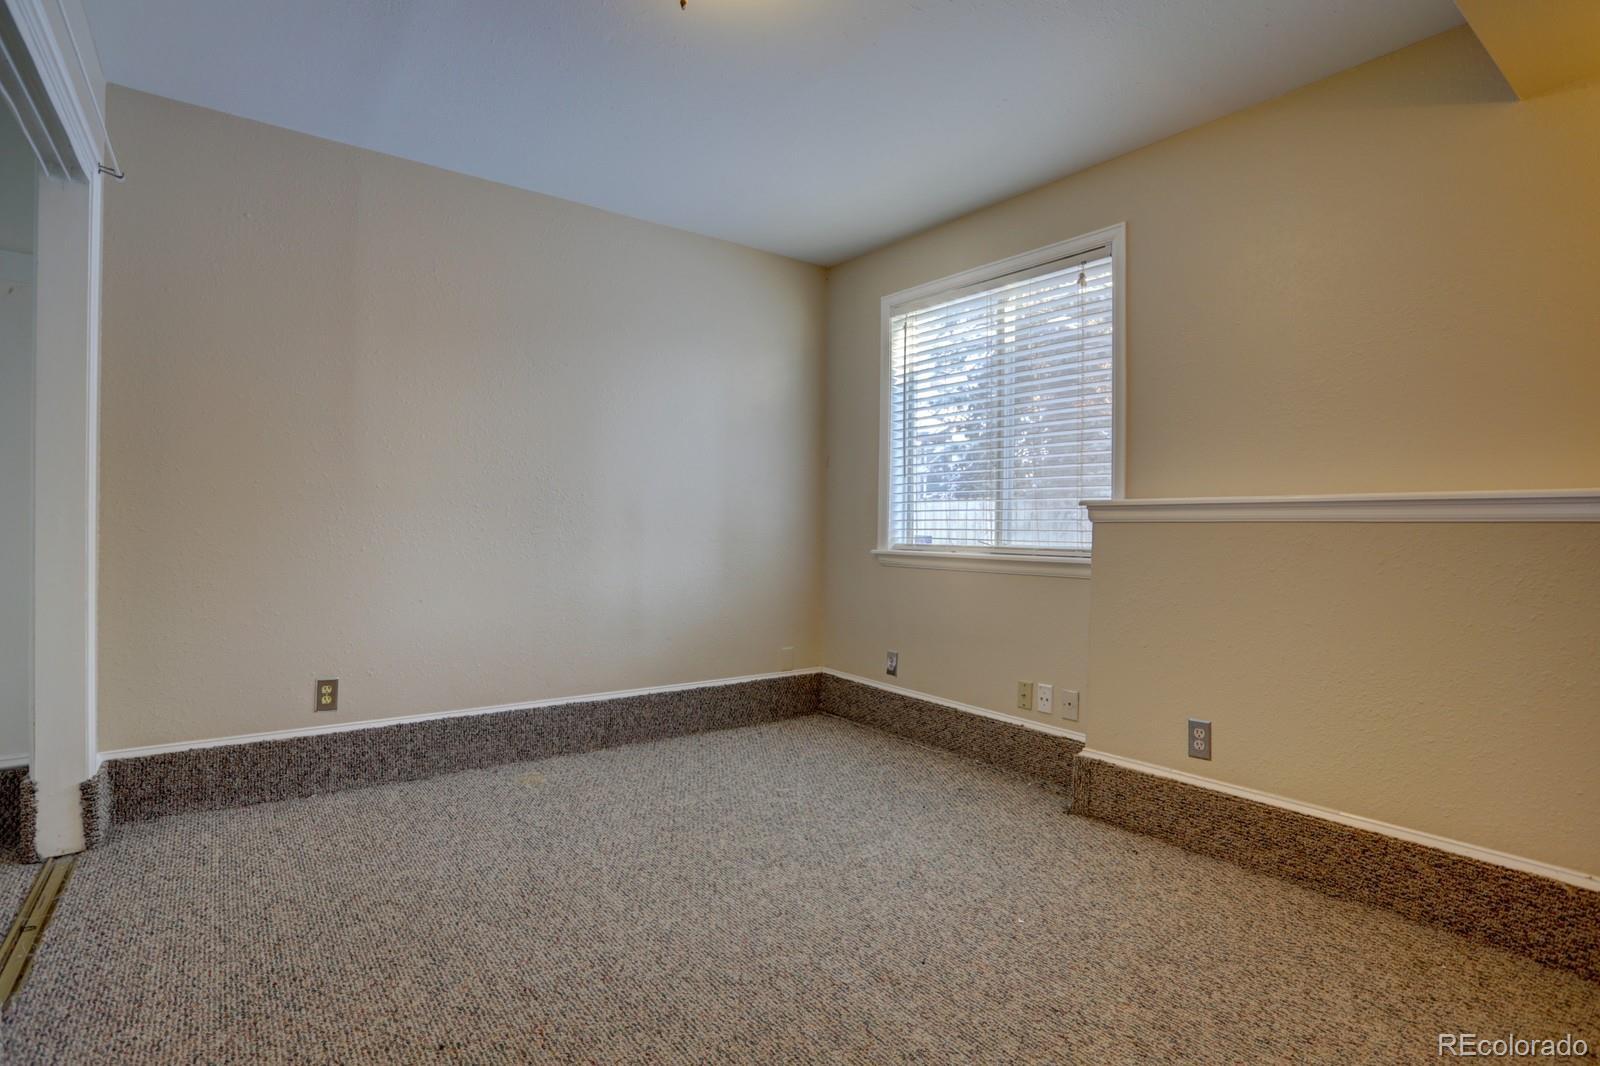 MLS# 5345837 - 30 - 5740 Slick Rock Court, Boulder, CO 80301